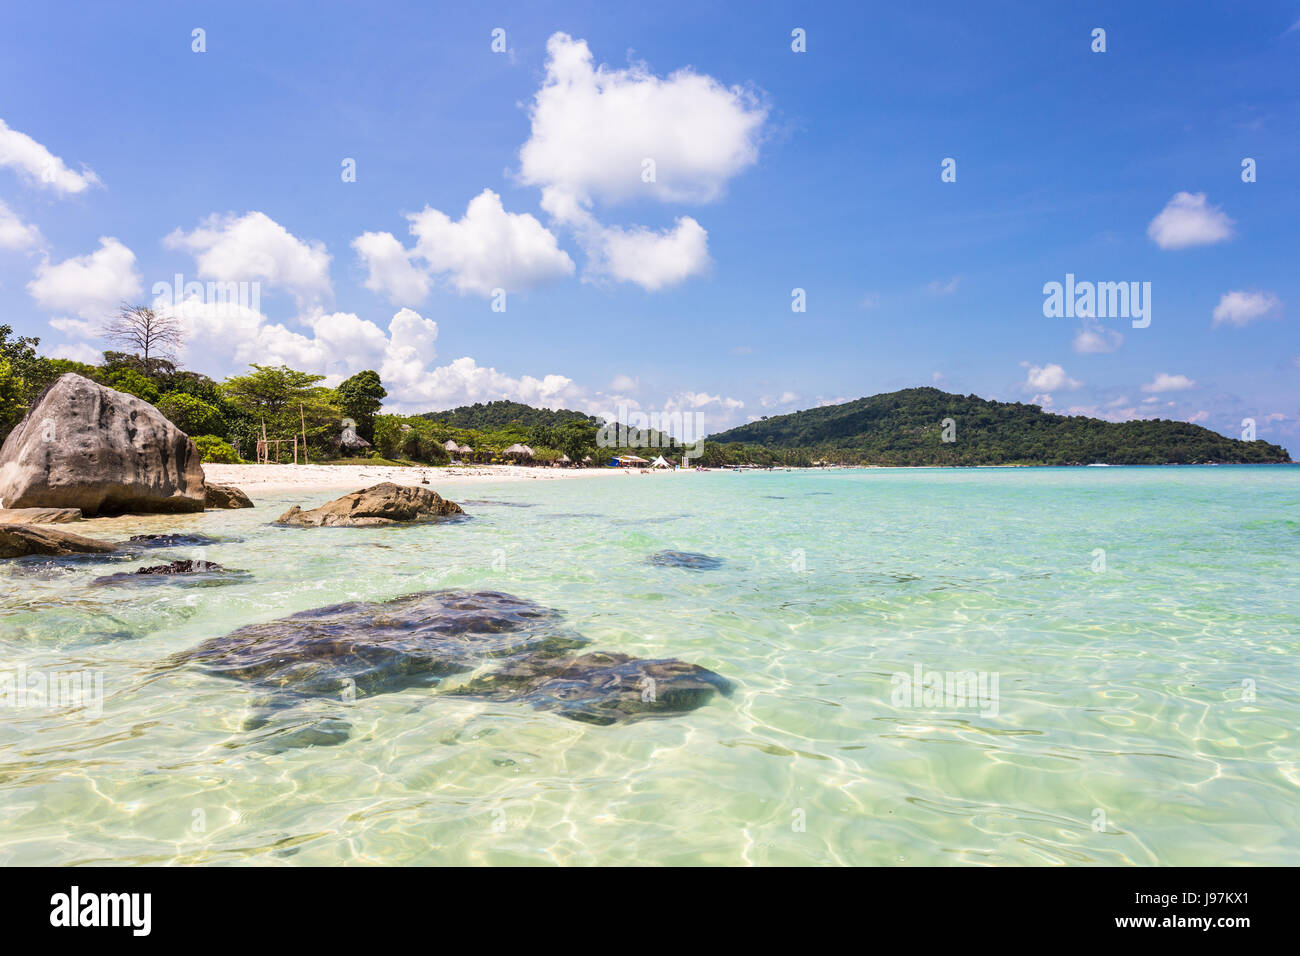 Idílica playa de Bai Sao, que significa arena blanca, en la isla de Phu Quoc populares en el Golfo de Tailandia Imagen De Stock